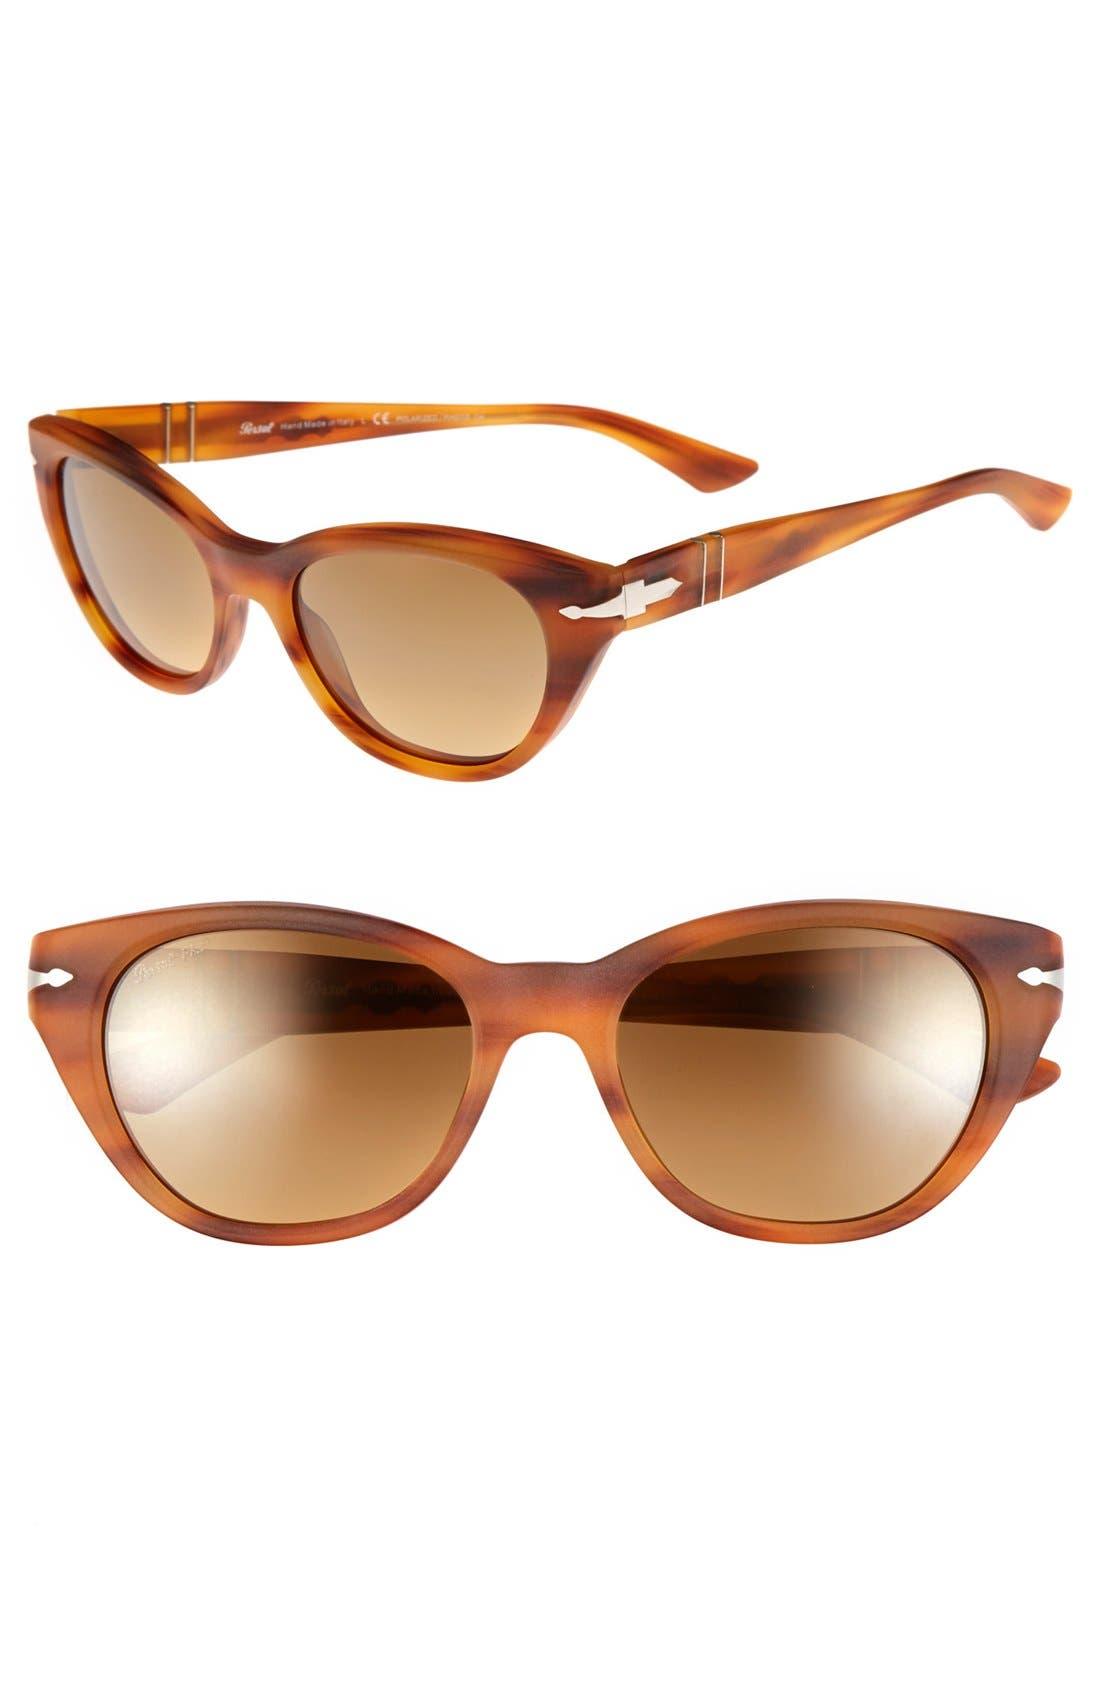 Main Image - Persol 'Suprema' 53mm Polarized Sunglasses